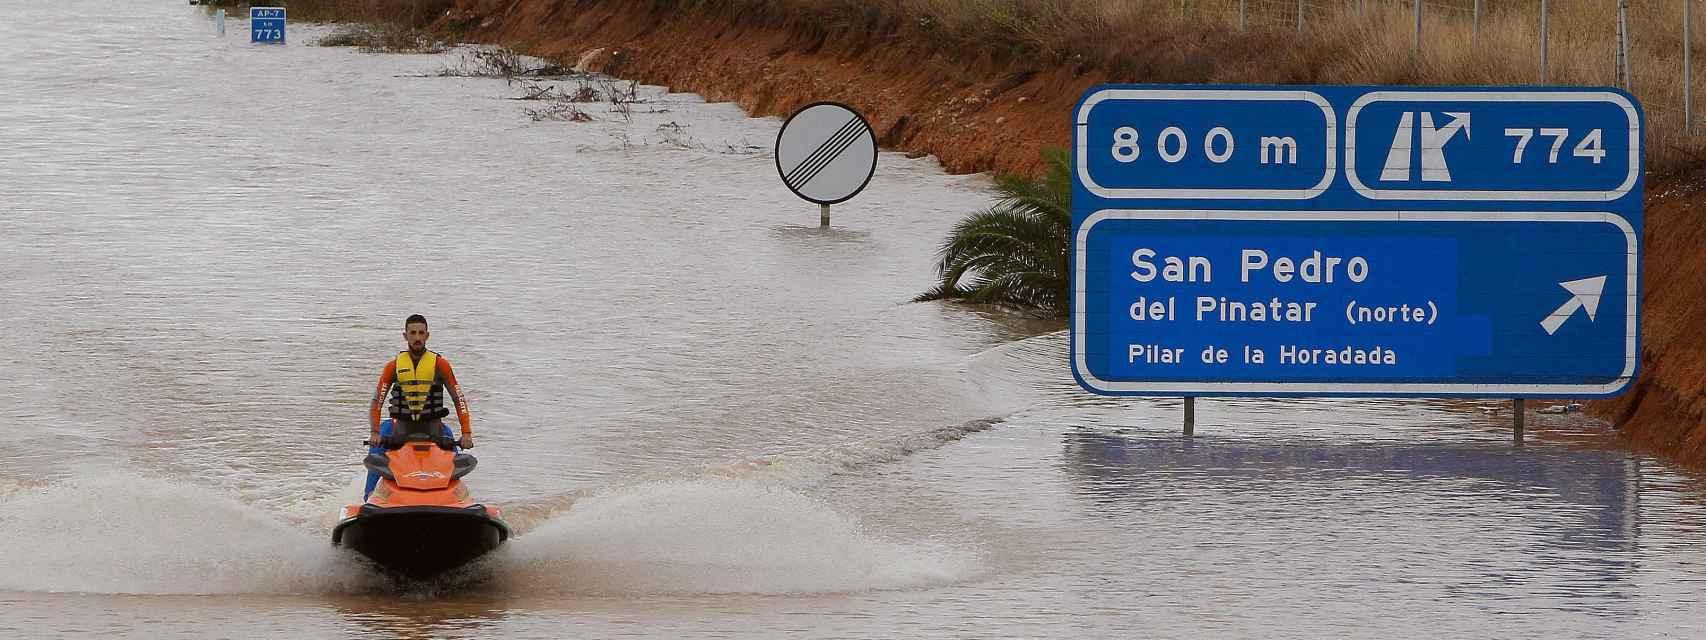 Un miembro de los servicios de rescate cruza en moto acuática la salida del túnel de la AP-7en Pilar de la Horadada (Alicante).